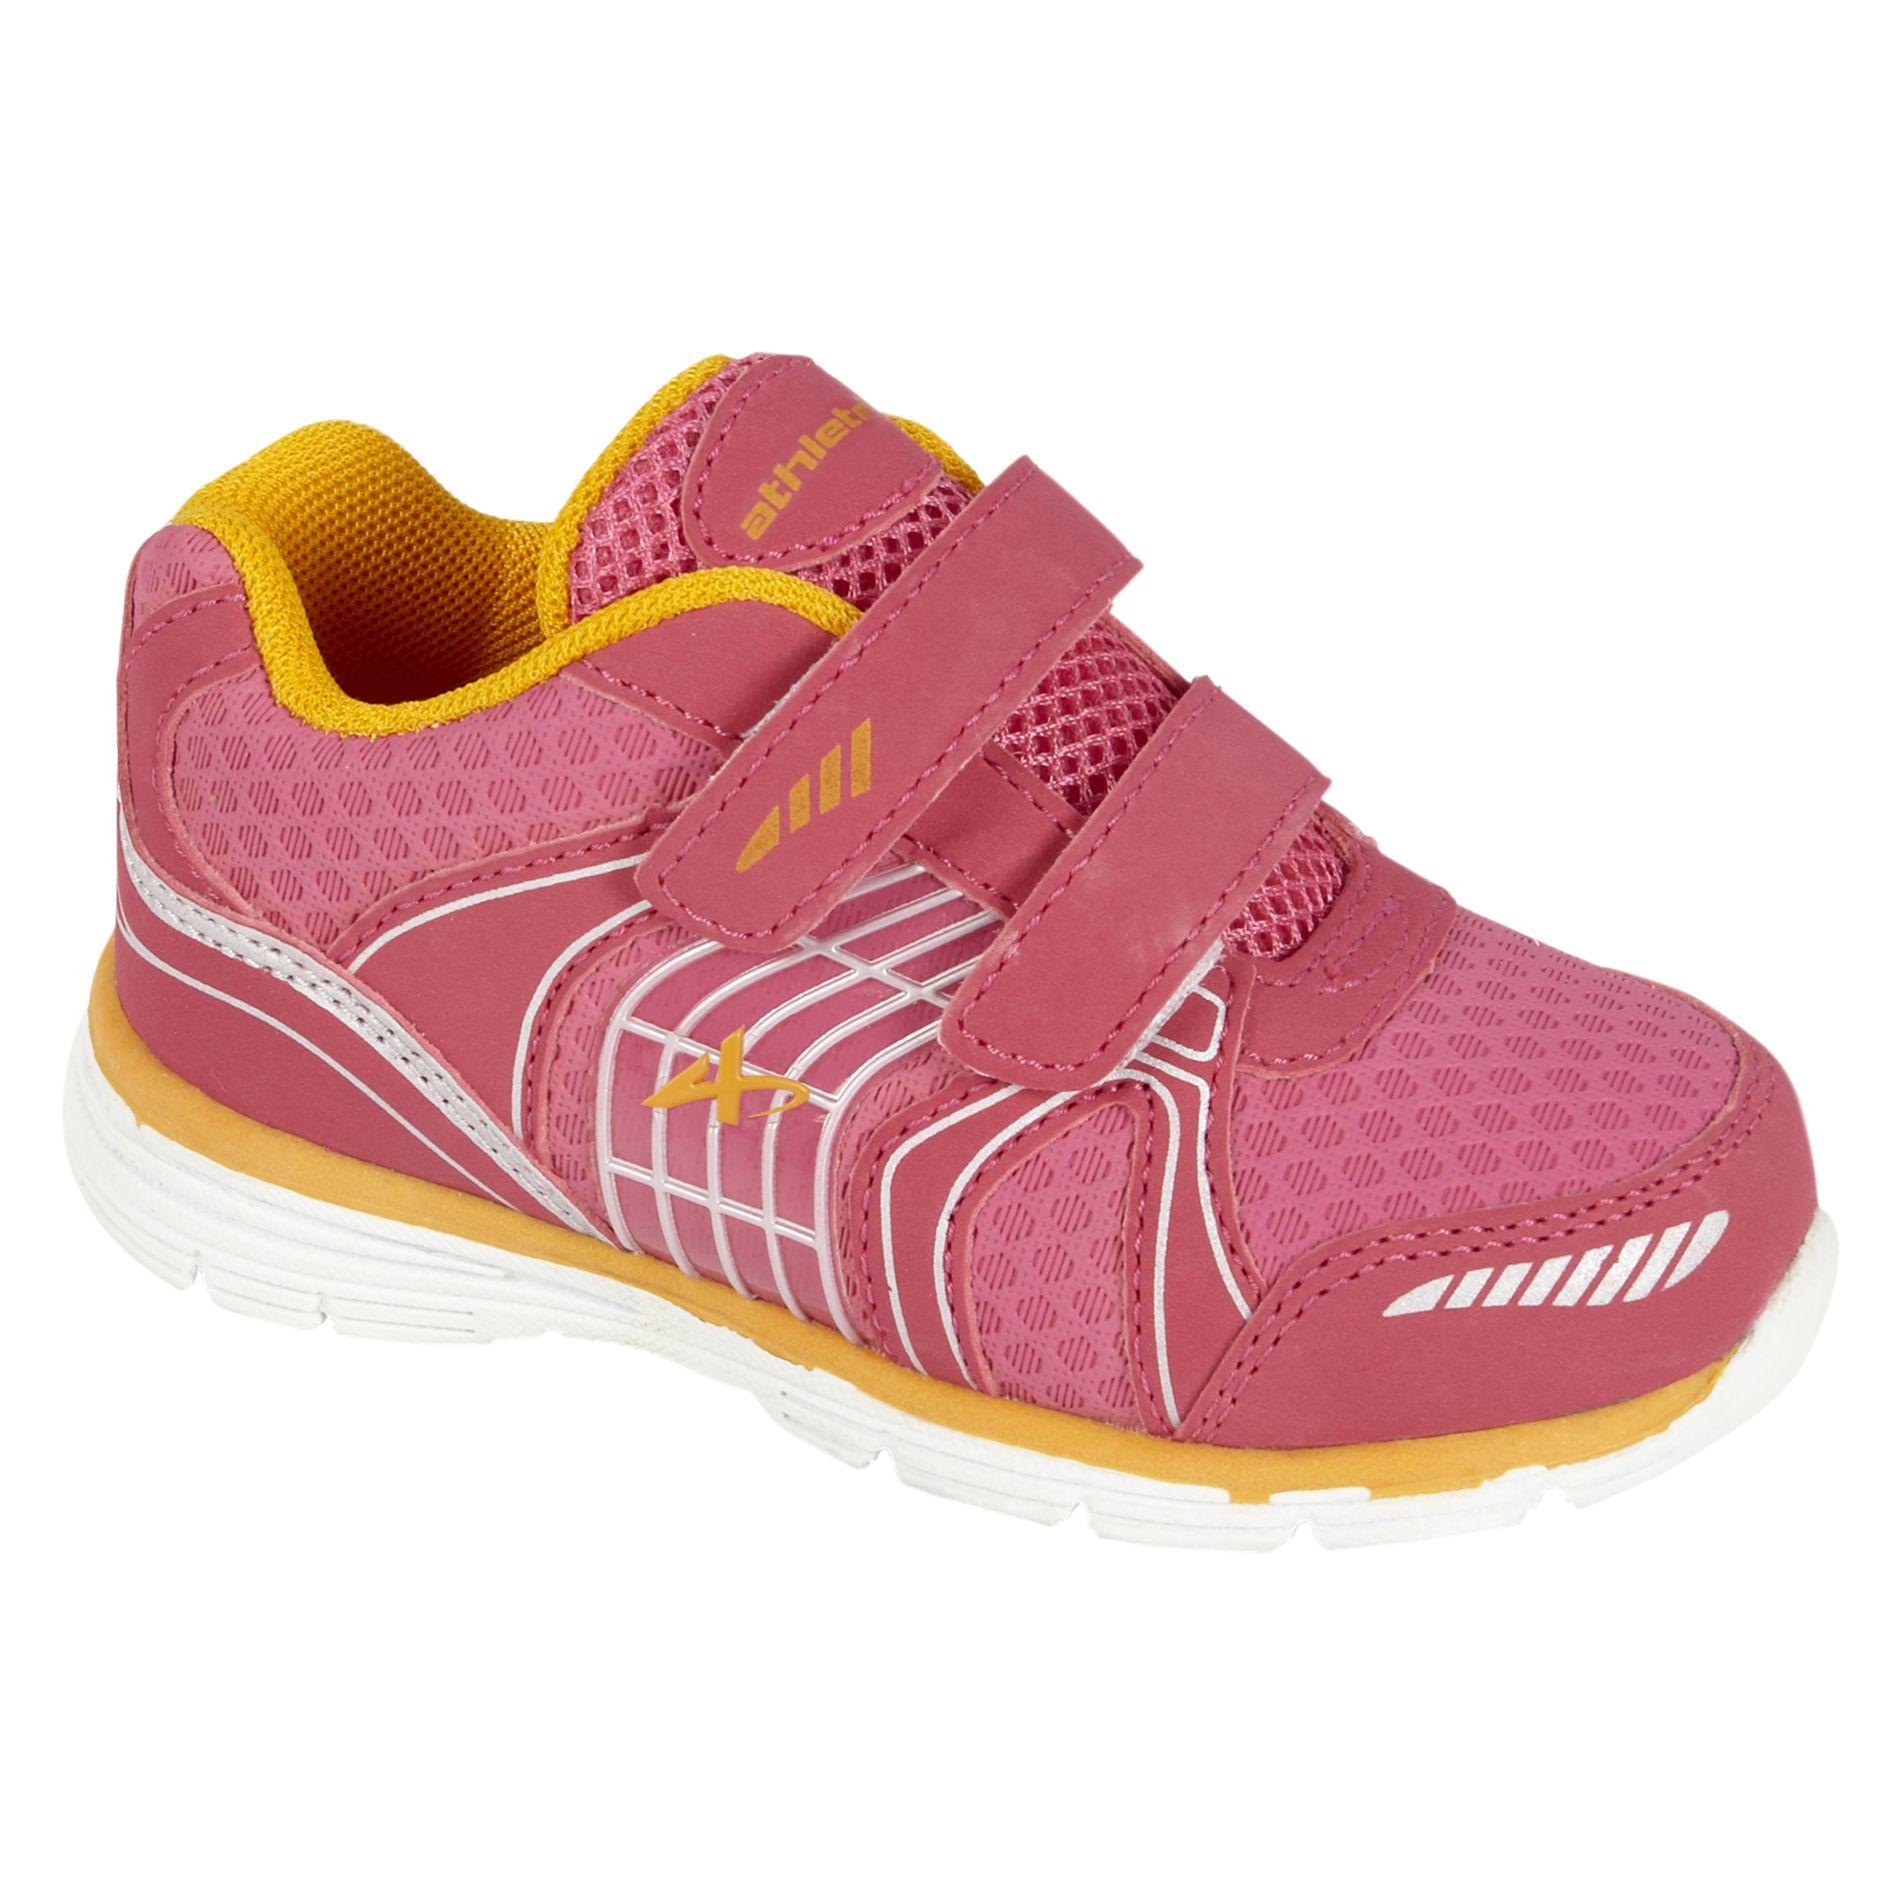 Toddler Girls Shoes At Kmart Com